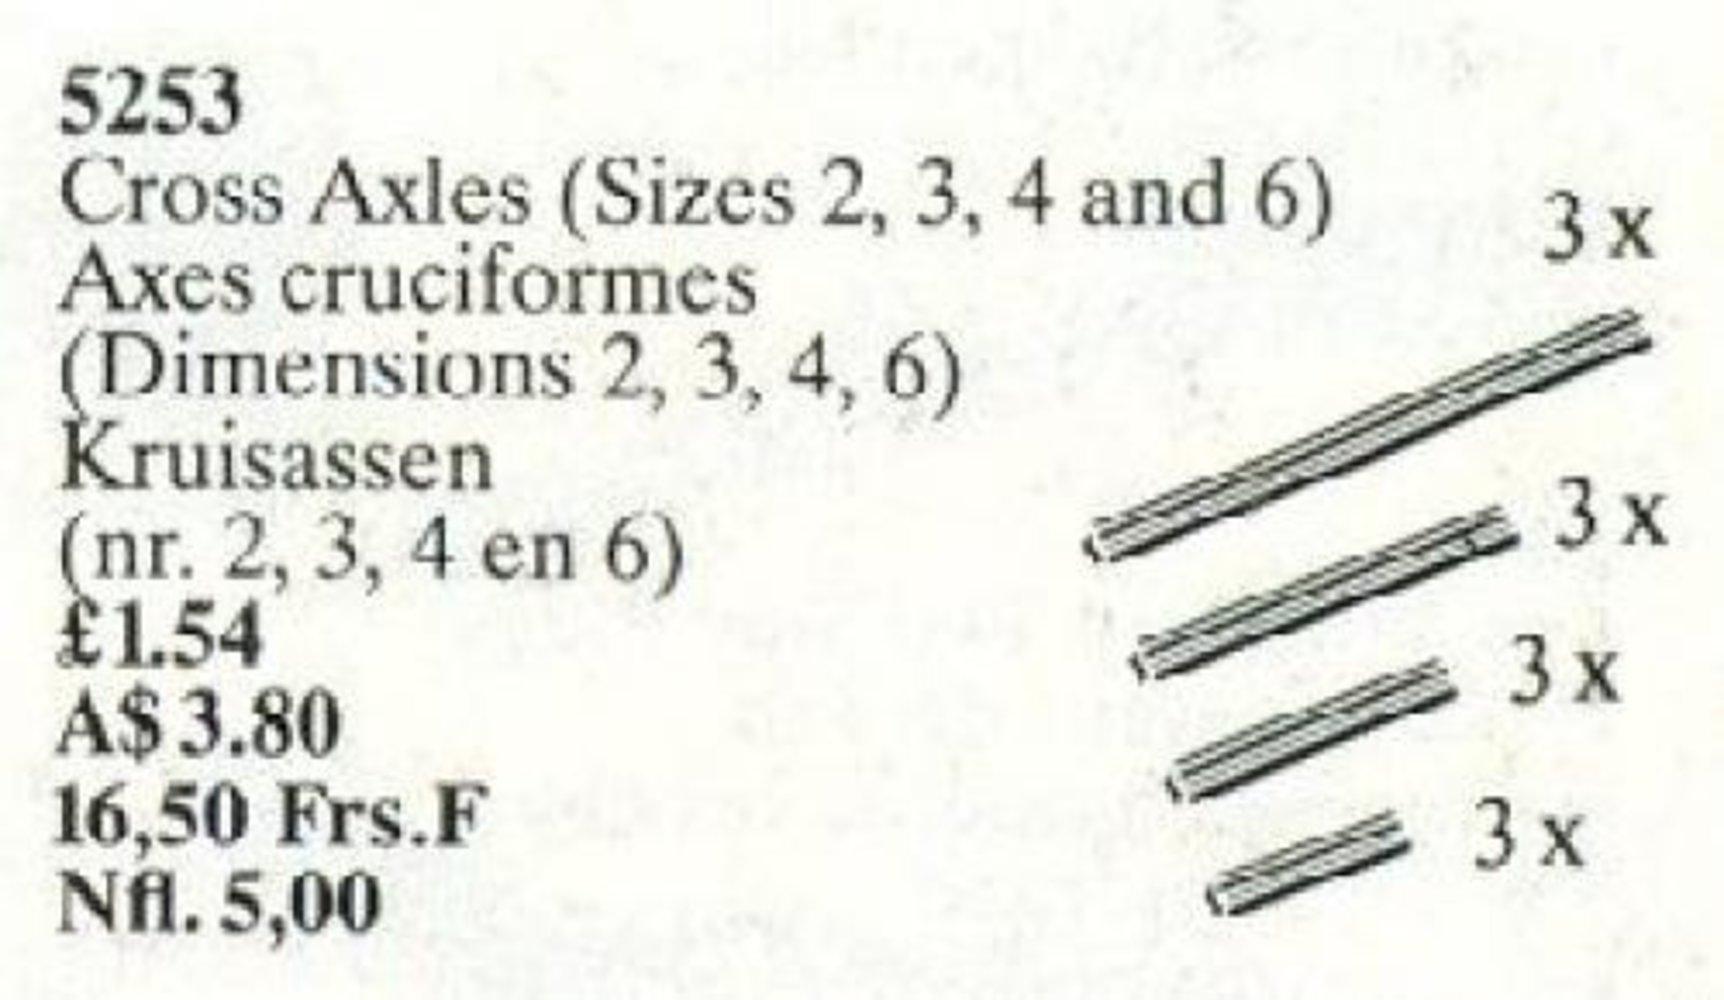 Cross Axles (Sizes 2, 3, 4, 6)